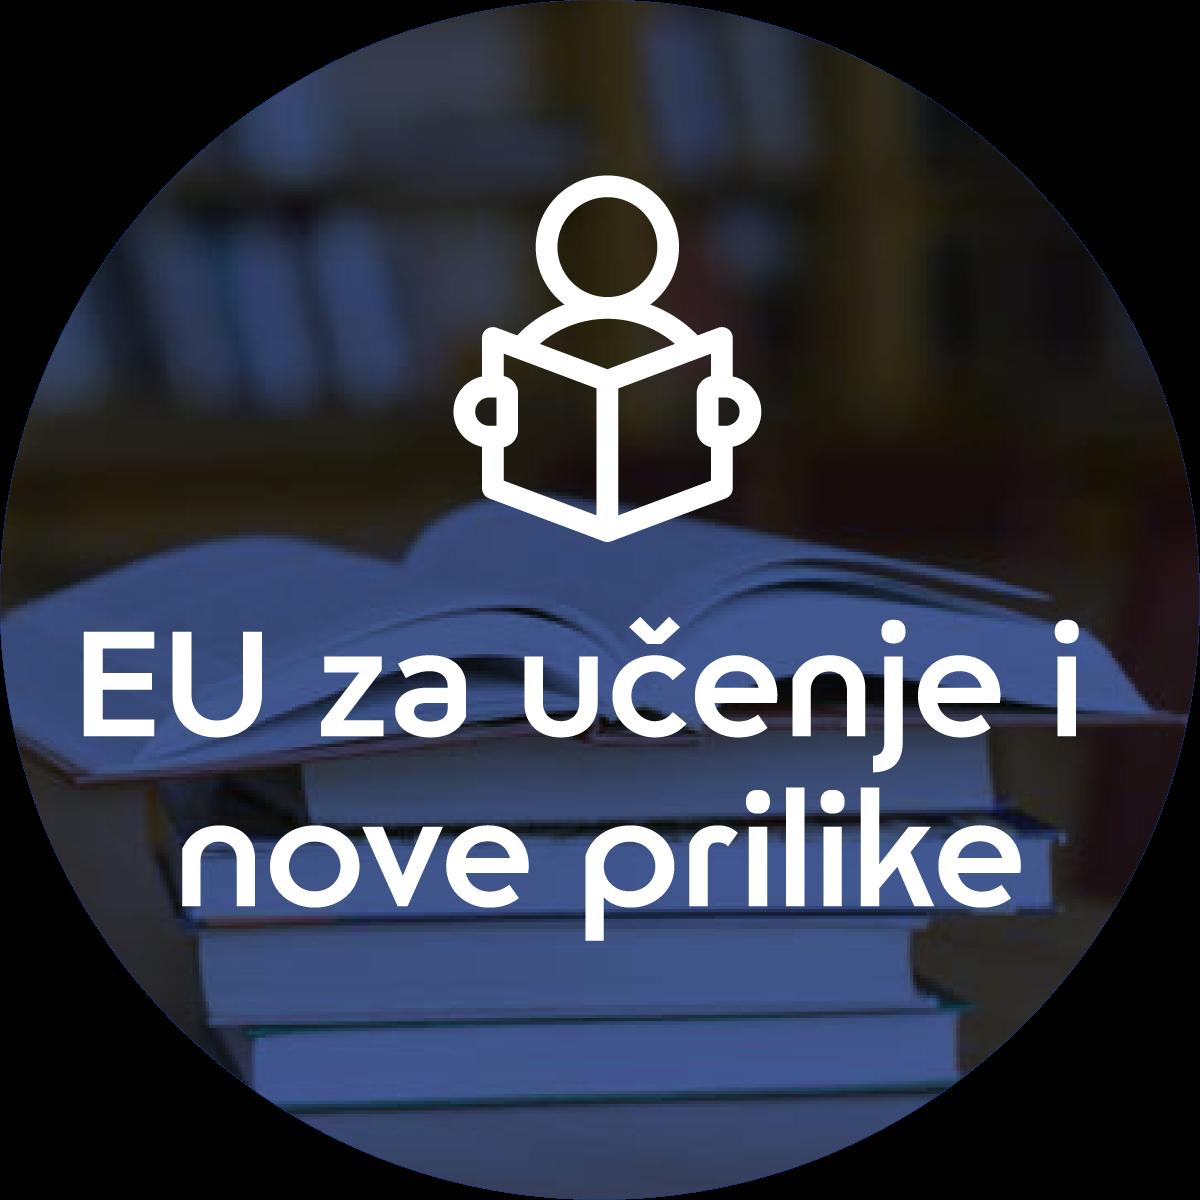 EU for Learning & Earning